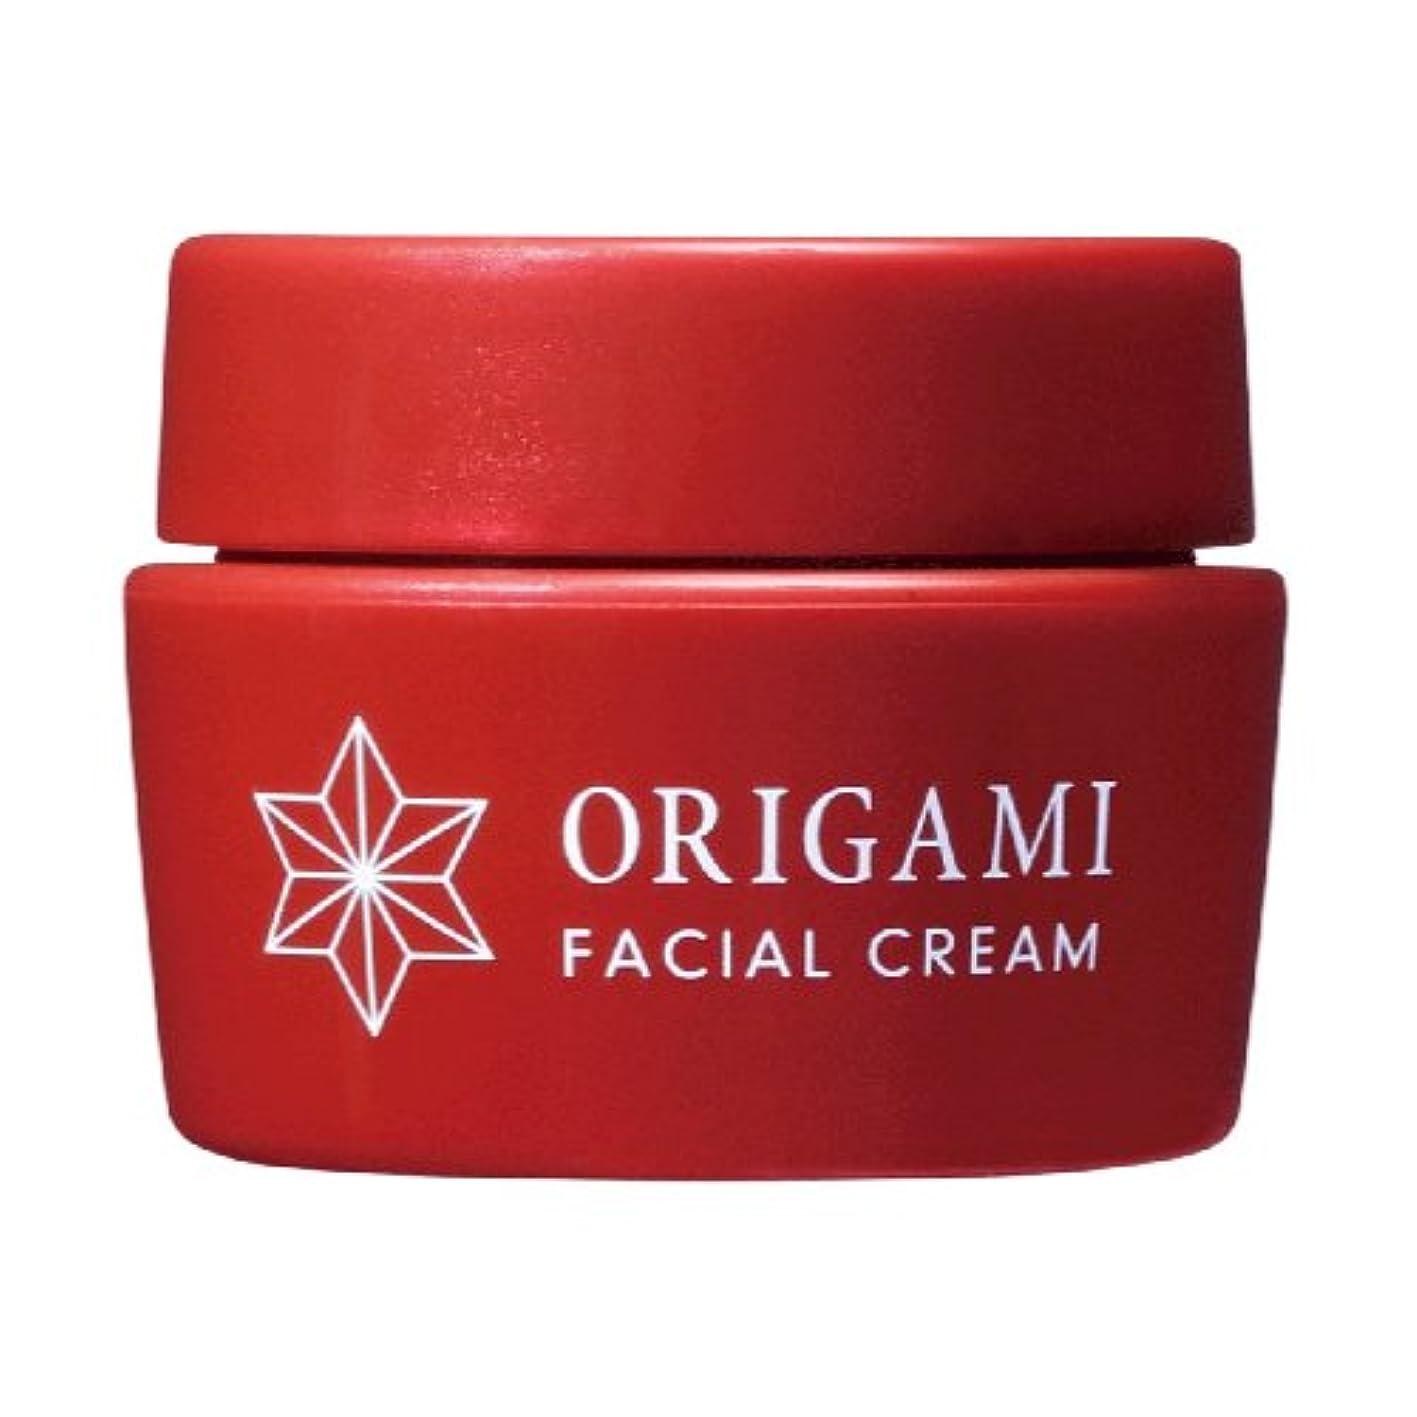 世界的に意気揚々意欲ORIGAMI フェイスクリーム 米麹エキス、米酢発酵エキス配合フェイシャルクリーム 30ml